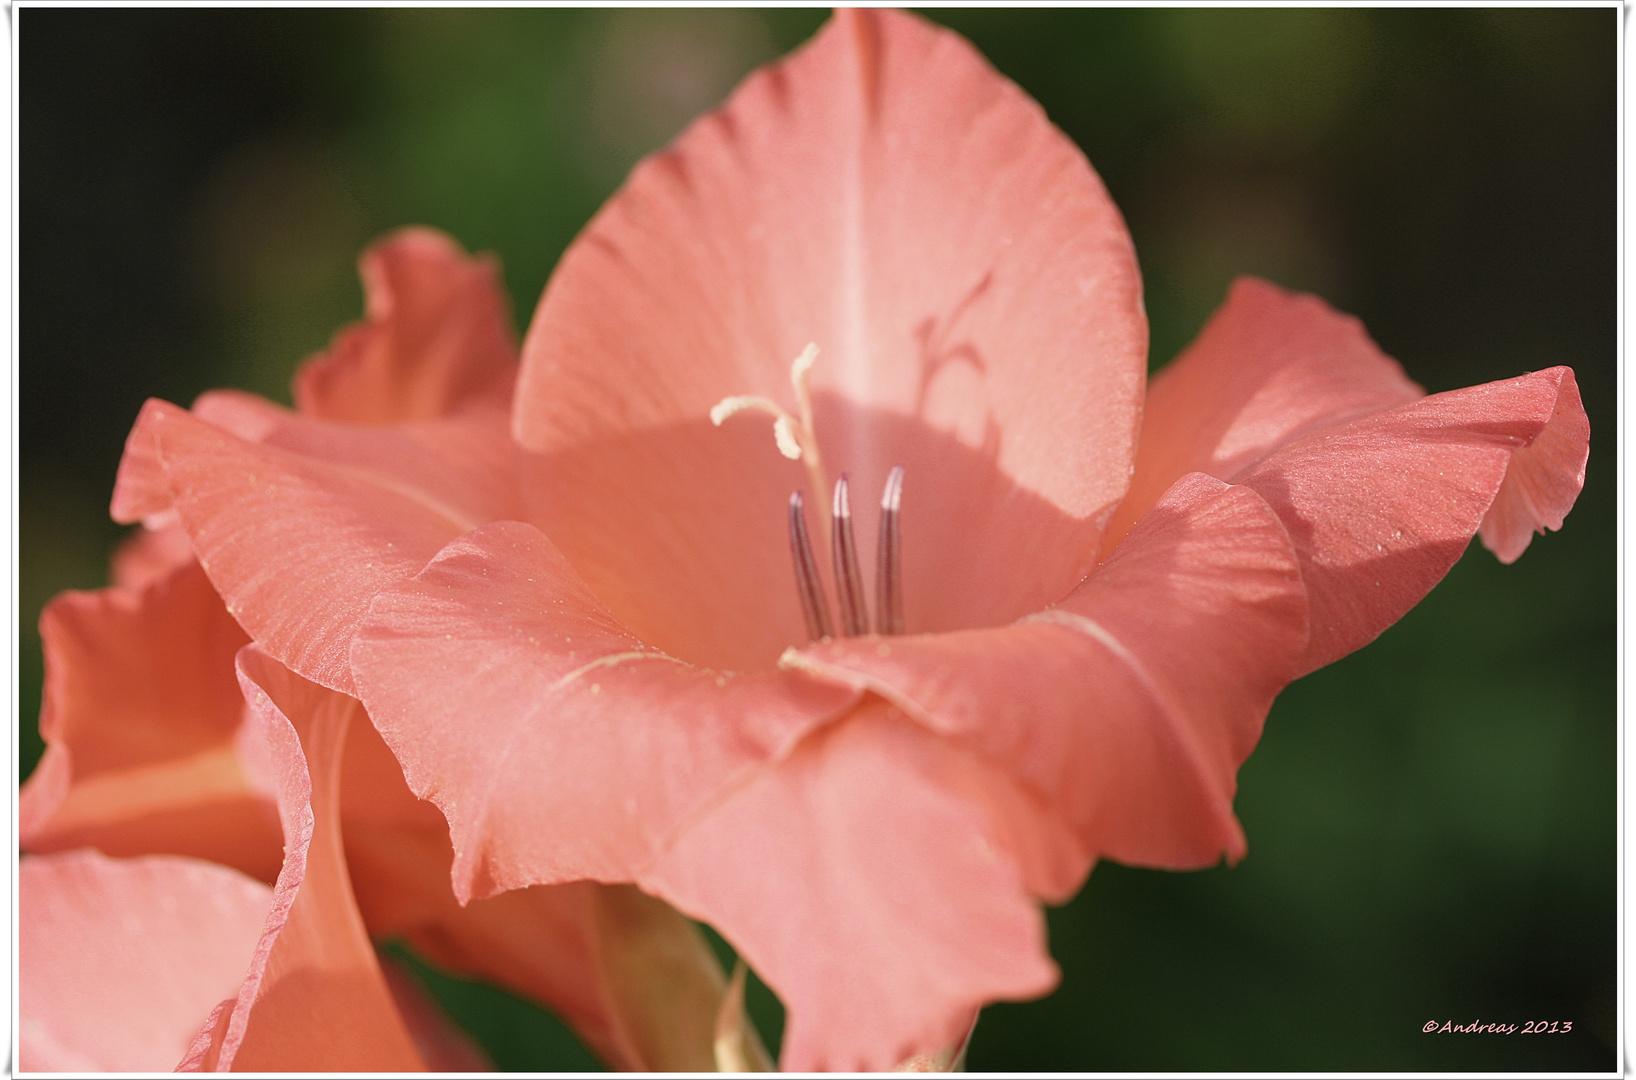 Gladiolenblüte im Abendlicht